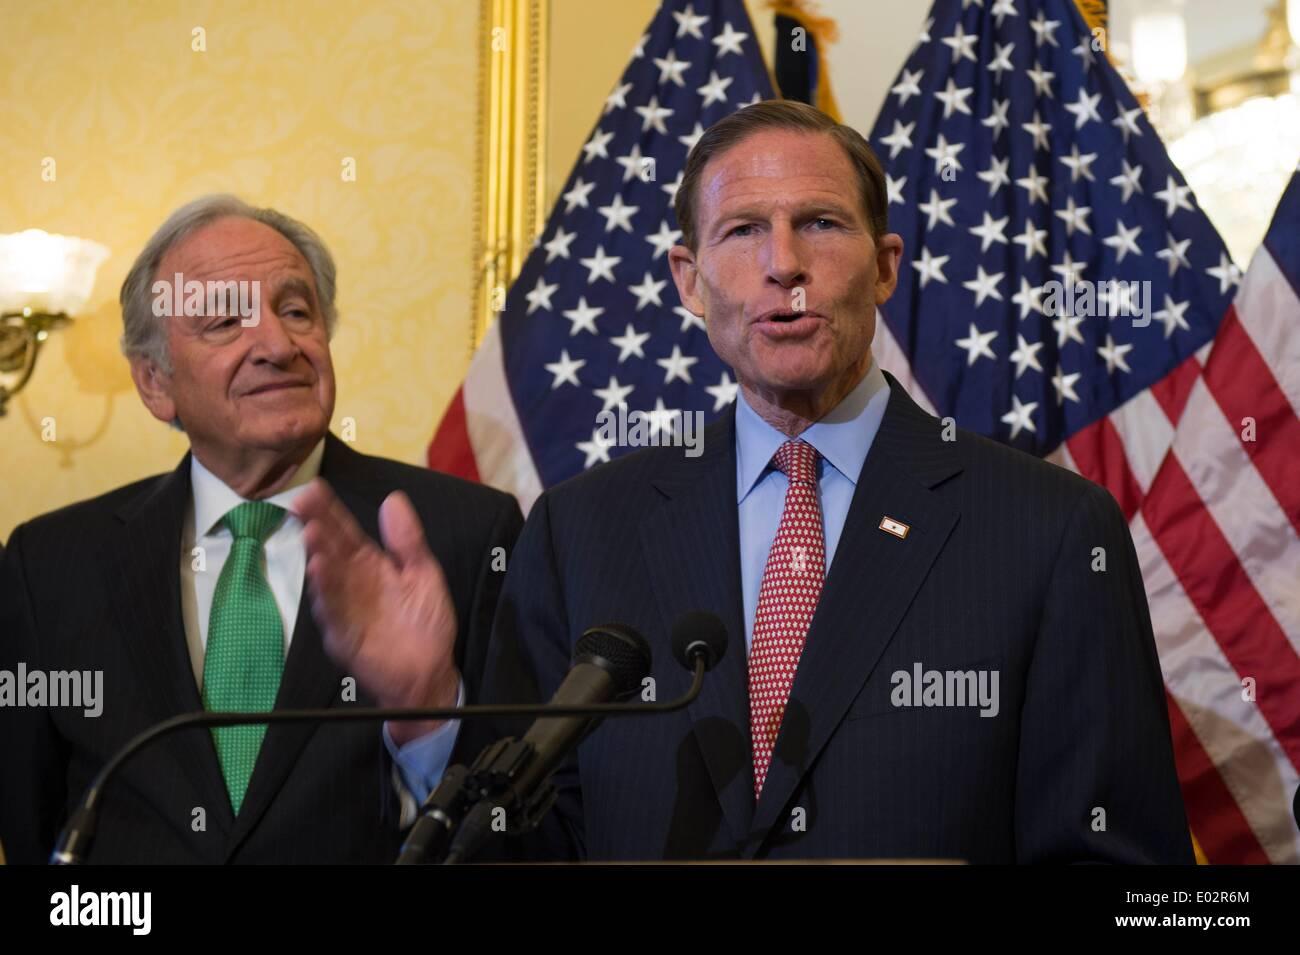 Connecticut senatore Richard Blumenthal stand con un gruppo dei democratici per il lancio di un push per passare pay equità tra uomini e donne e una proposta per aumentare il minimo federale di aumento salariale a $10.10 per ora il 29 aprile 2014 a Washington, DC. Credito: Planetpix/Alamy Live News Immagini Stock